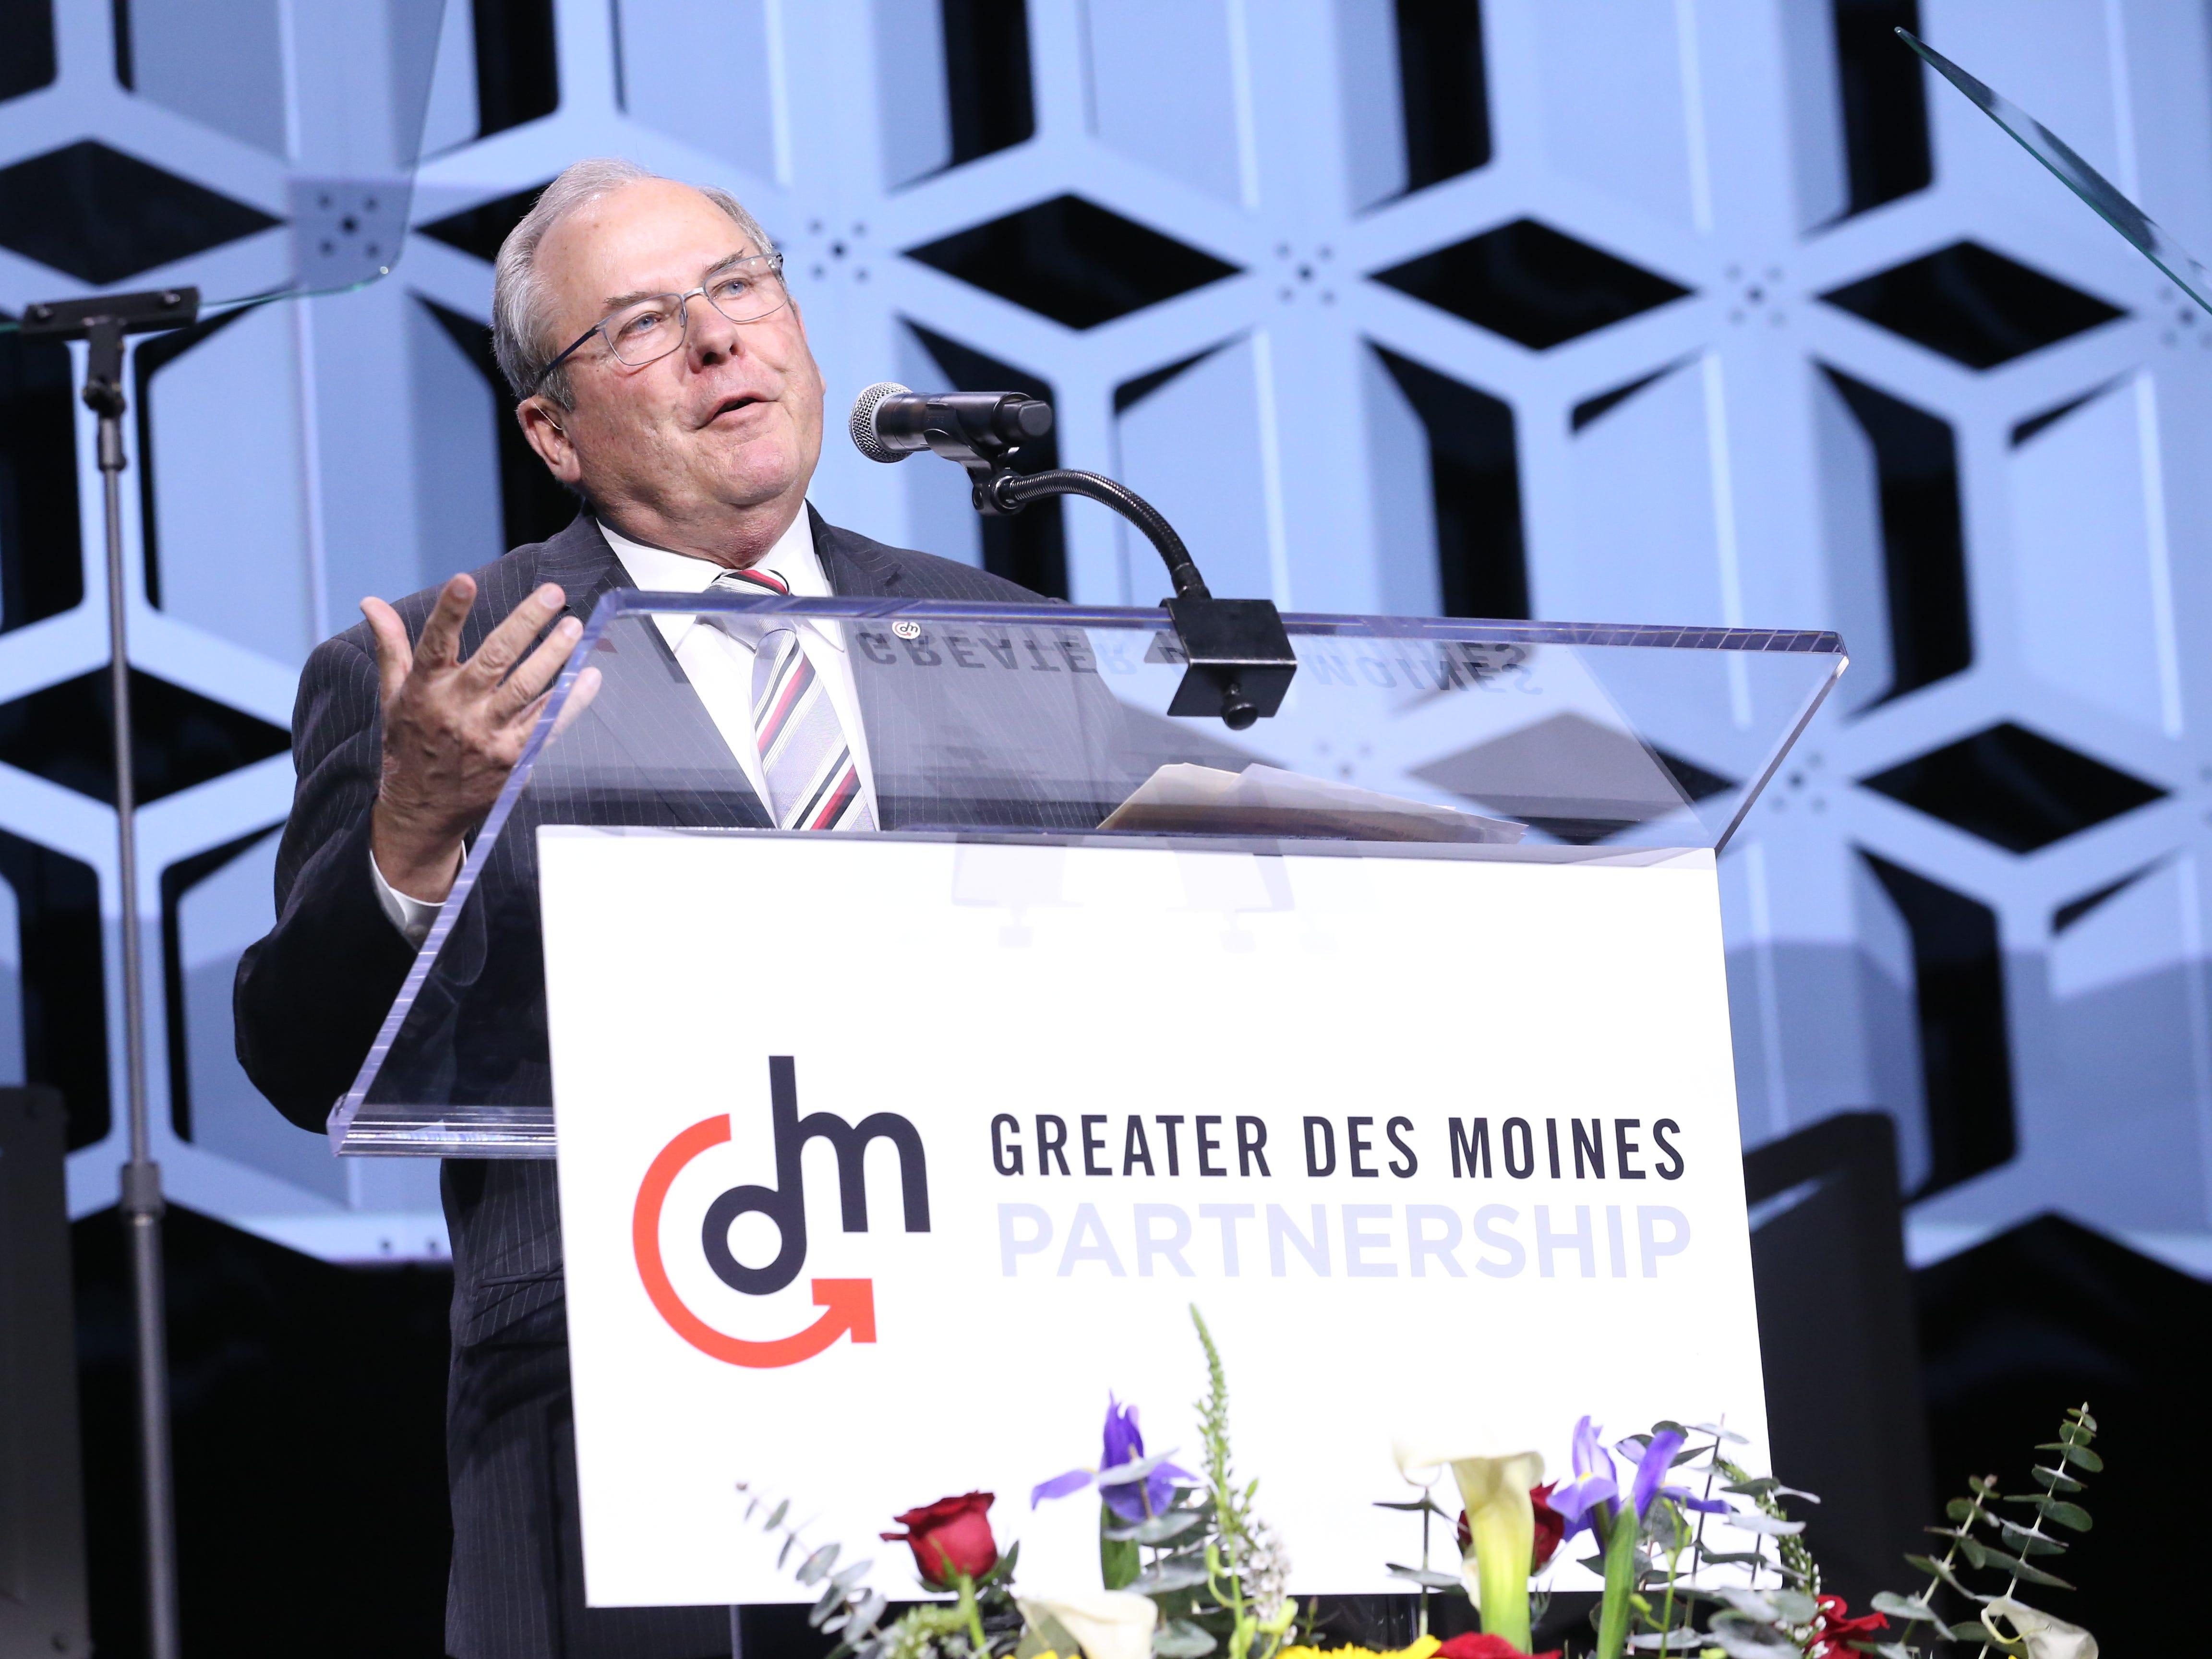 Greater Des Moines Partnership President Gene Meyer speaks at the Partnership's Annual Dinner on January 17, 2019.